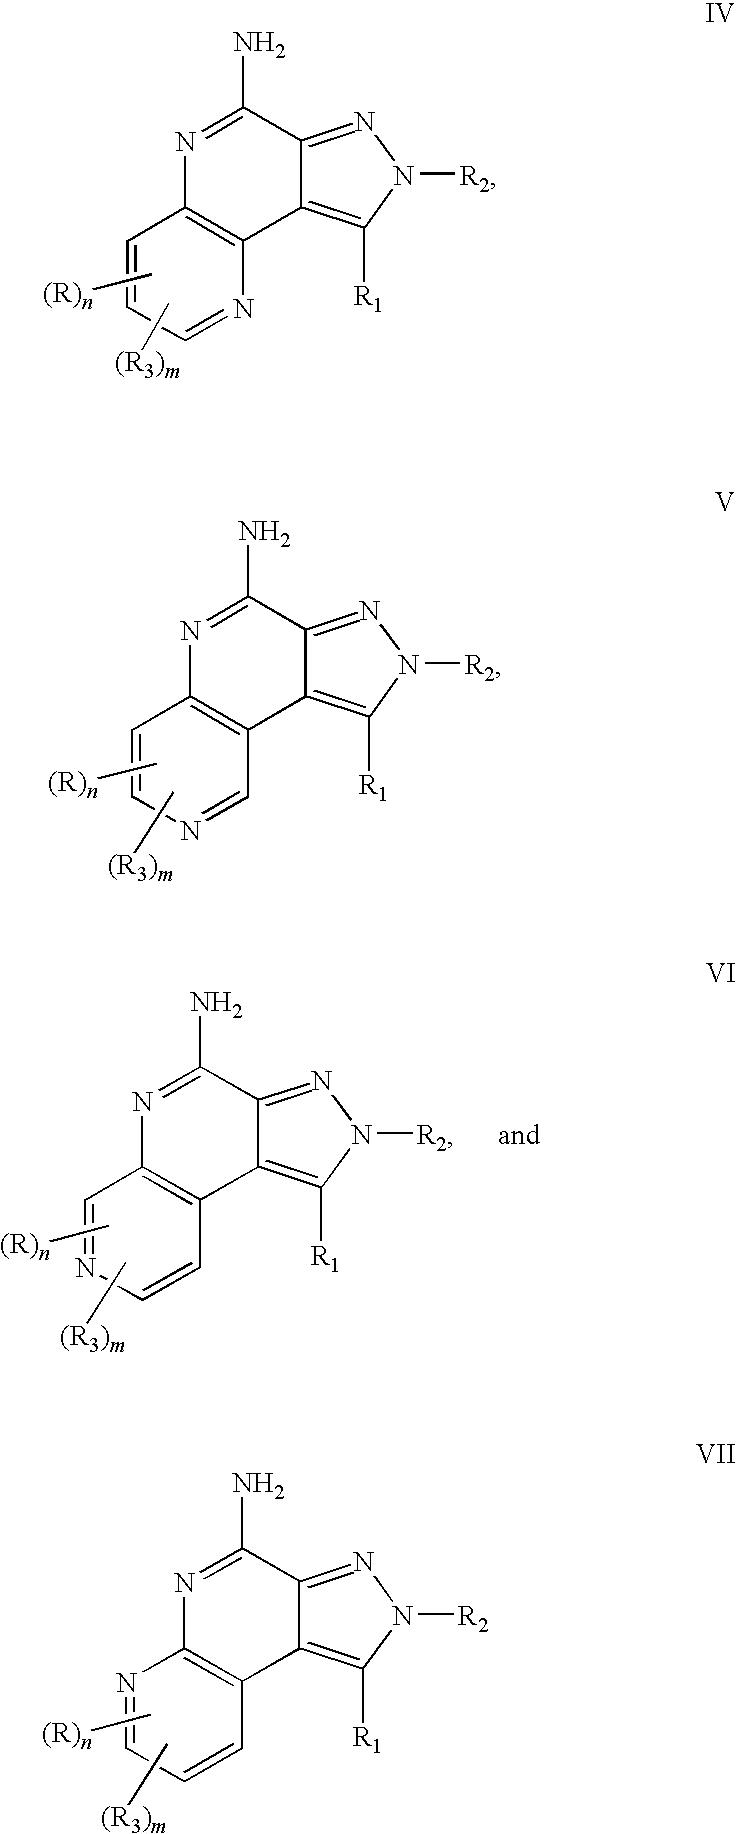 Figure US07879849-20110201-C00011